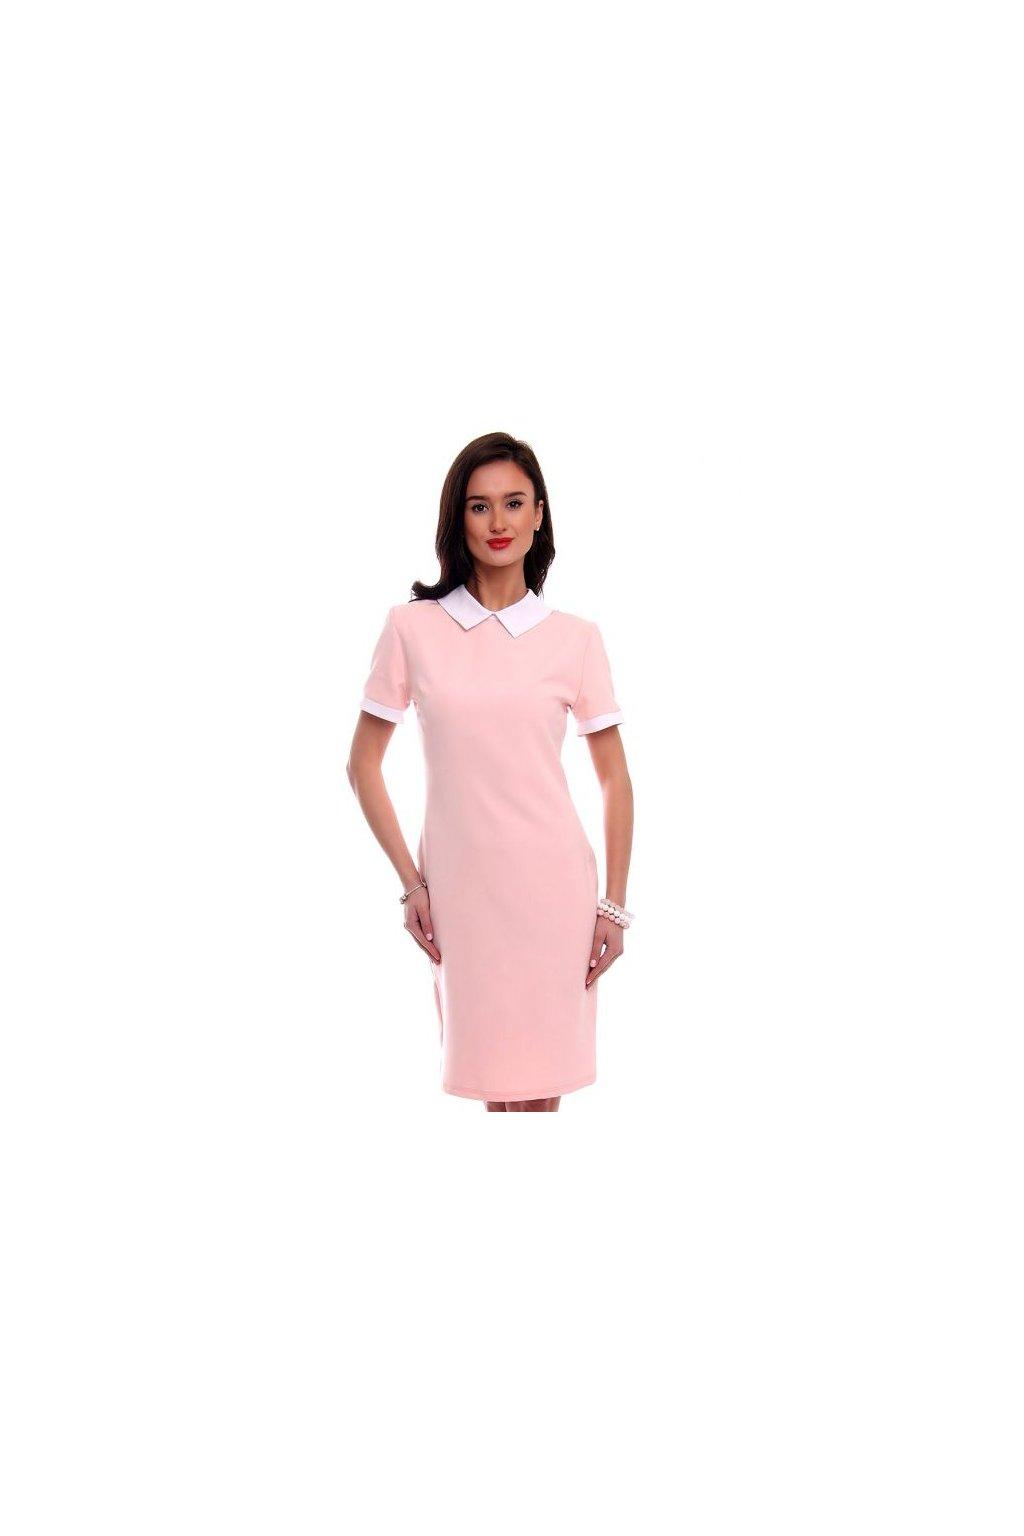 Elegantné šaty s golierikom CM 570 ružové -Tentation.sk a8f3cc81db7